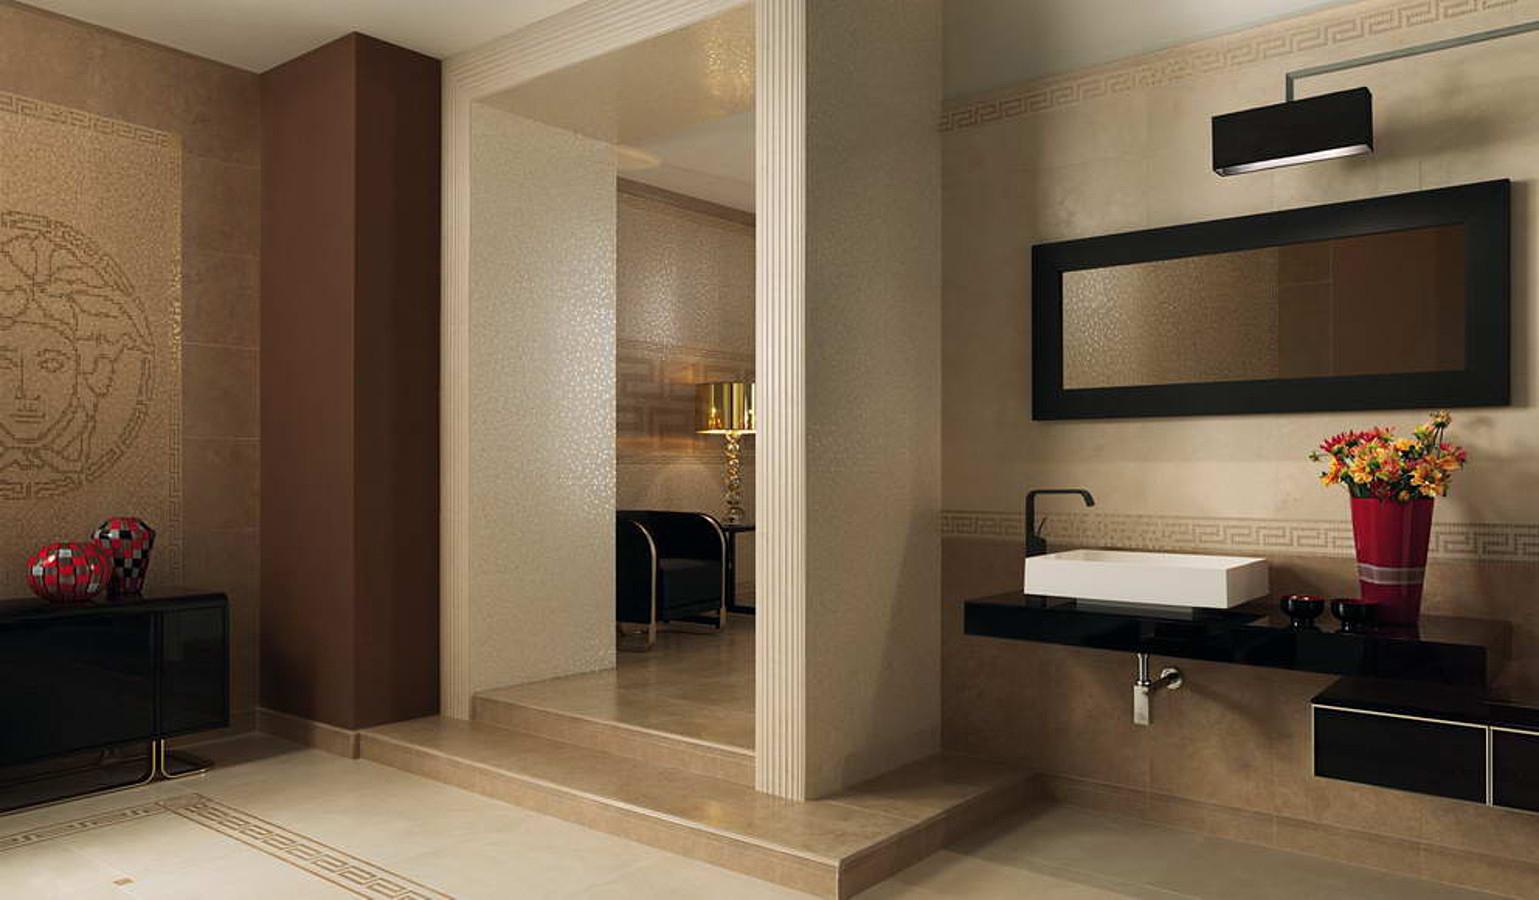 scholtes projekt gmbh scholtes 2. Black Bedroom Furniture Sets. Home Design Ideas